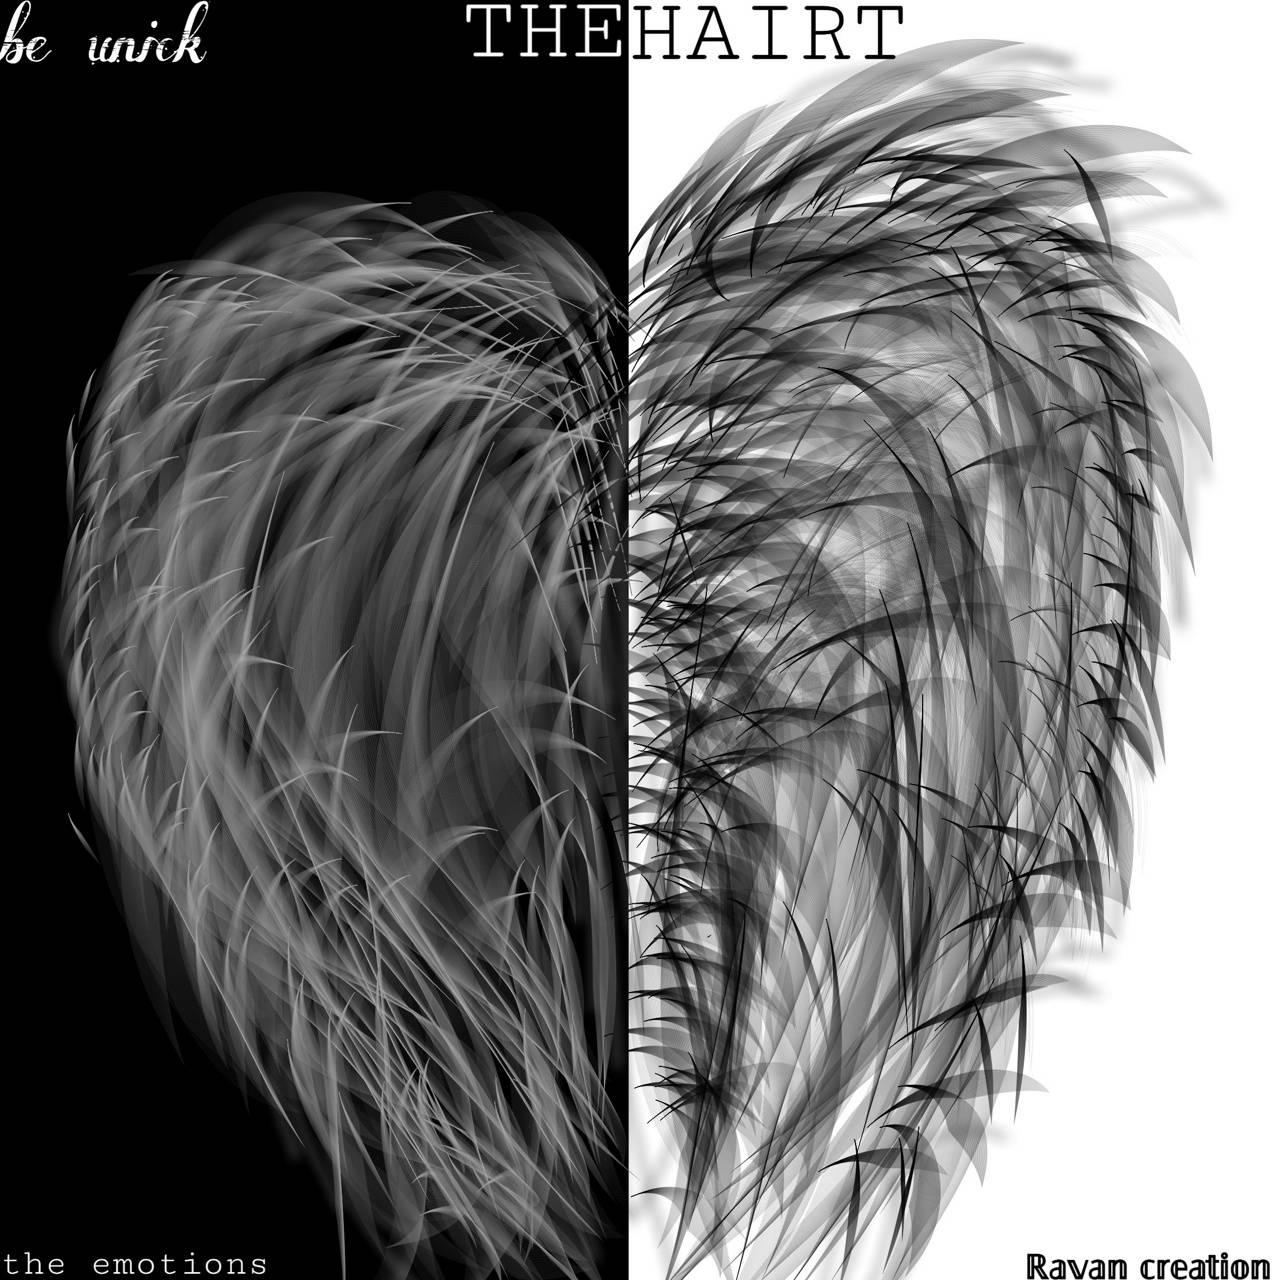 The hairt